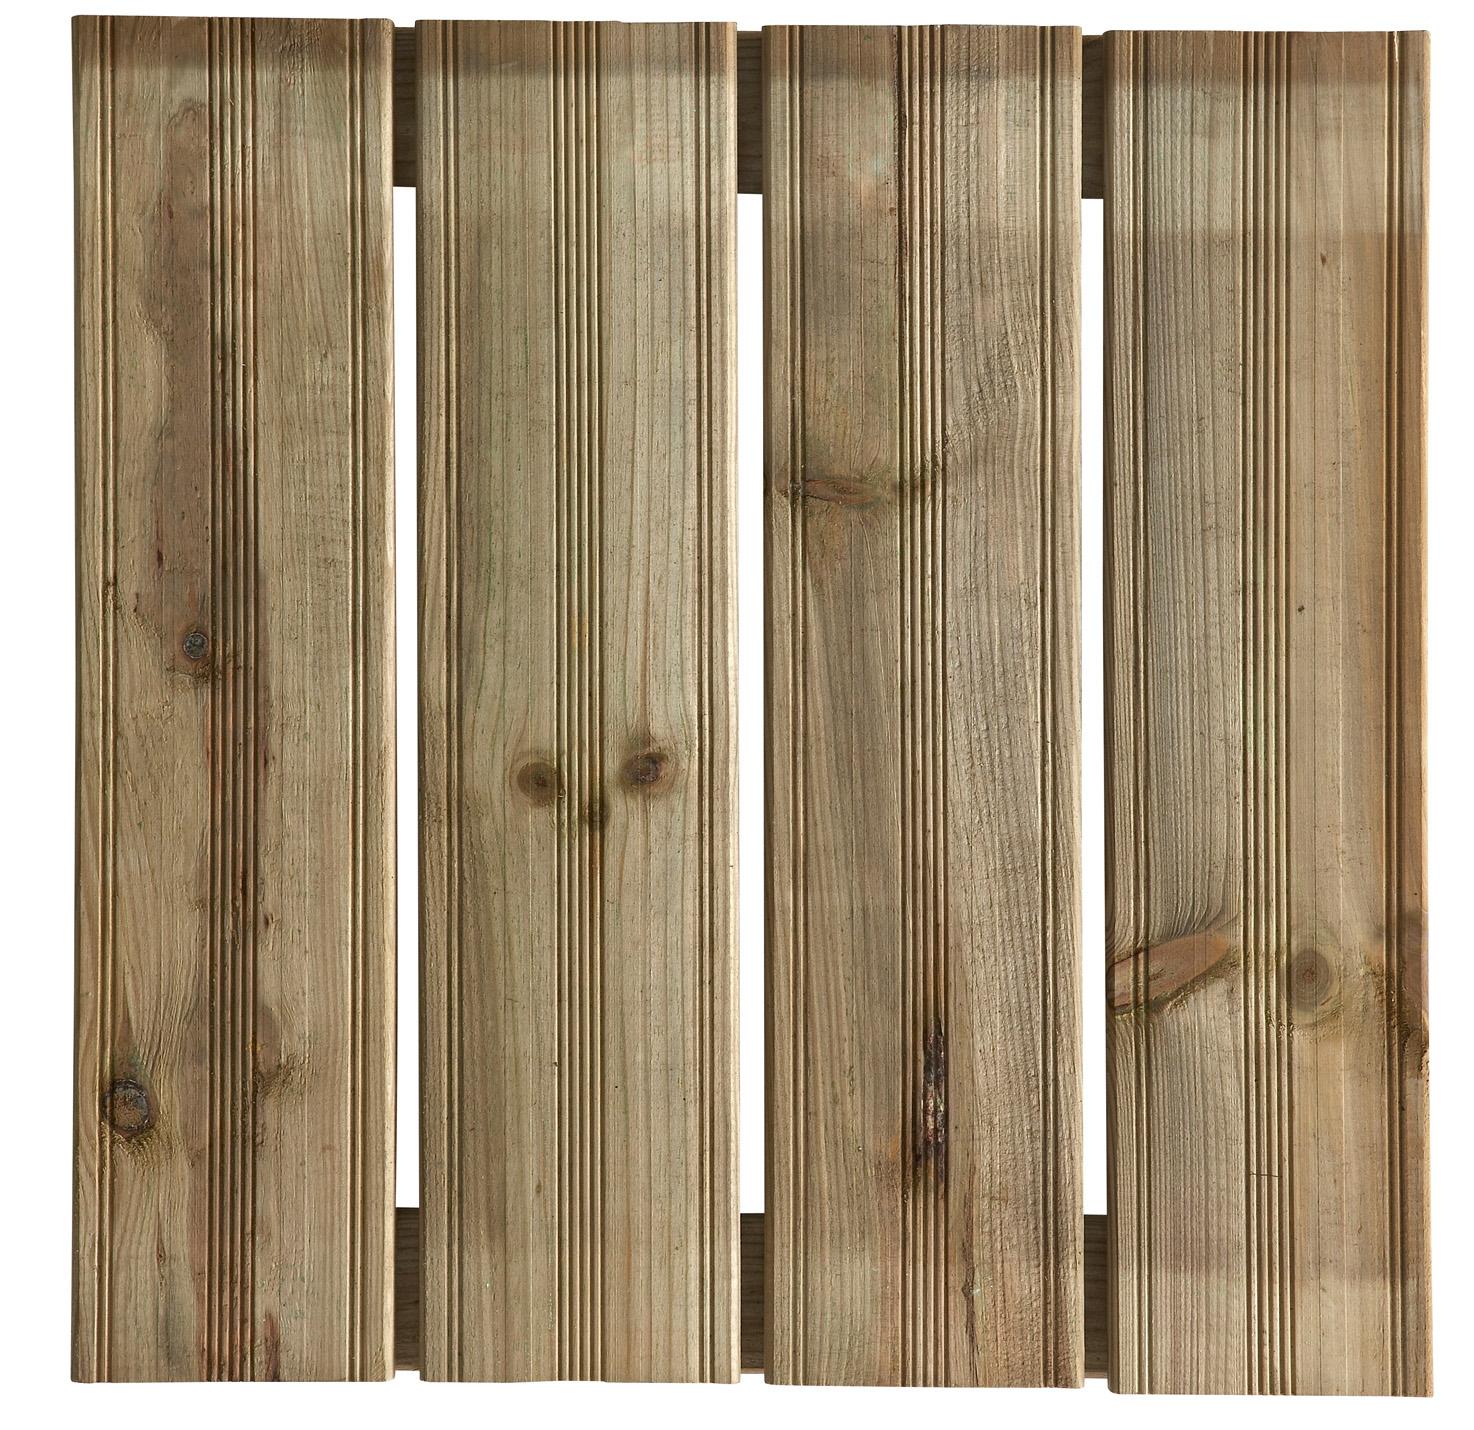 dalle bois lattes droites montana fsc 50x50 terrasse d 39 ext rieur am nagement ext rieur. Black Bedroom Furniture Sets. Home Design Ideas